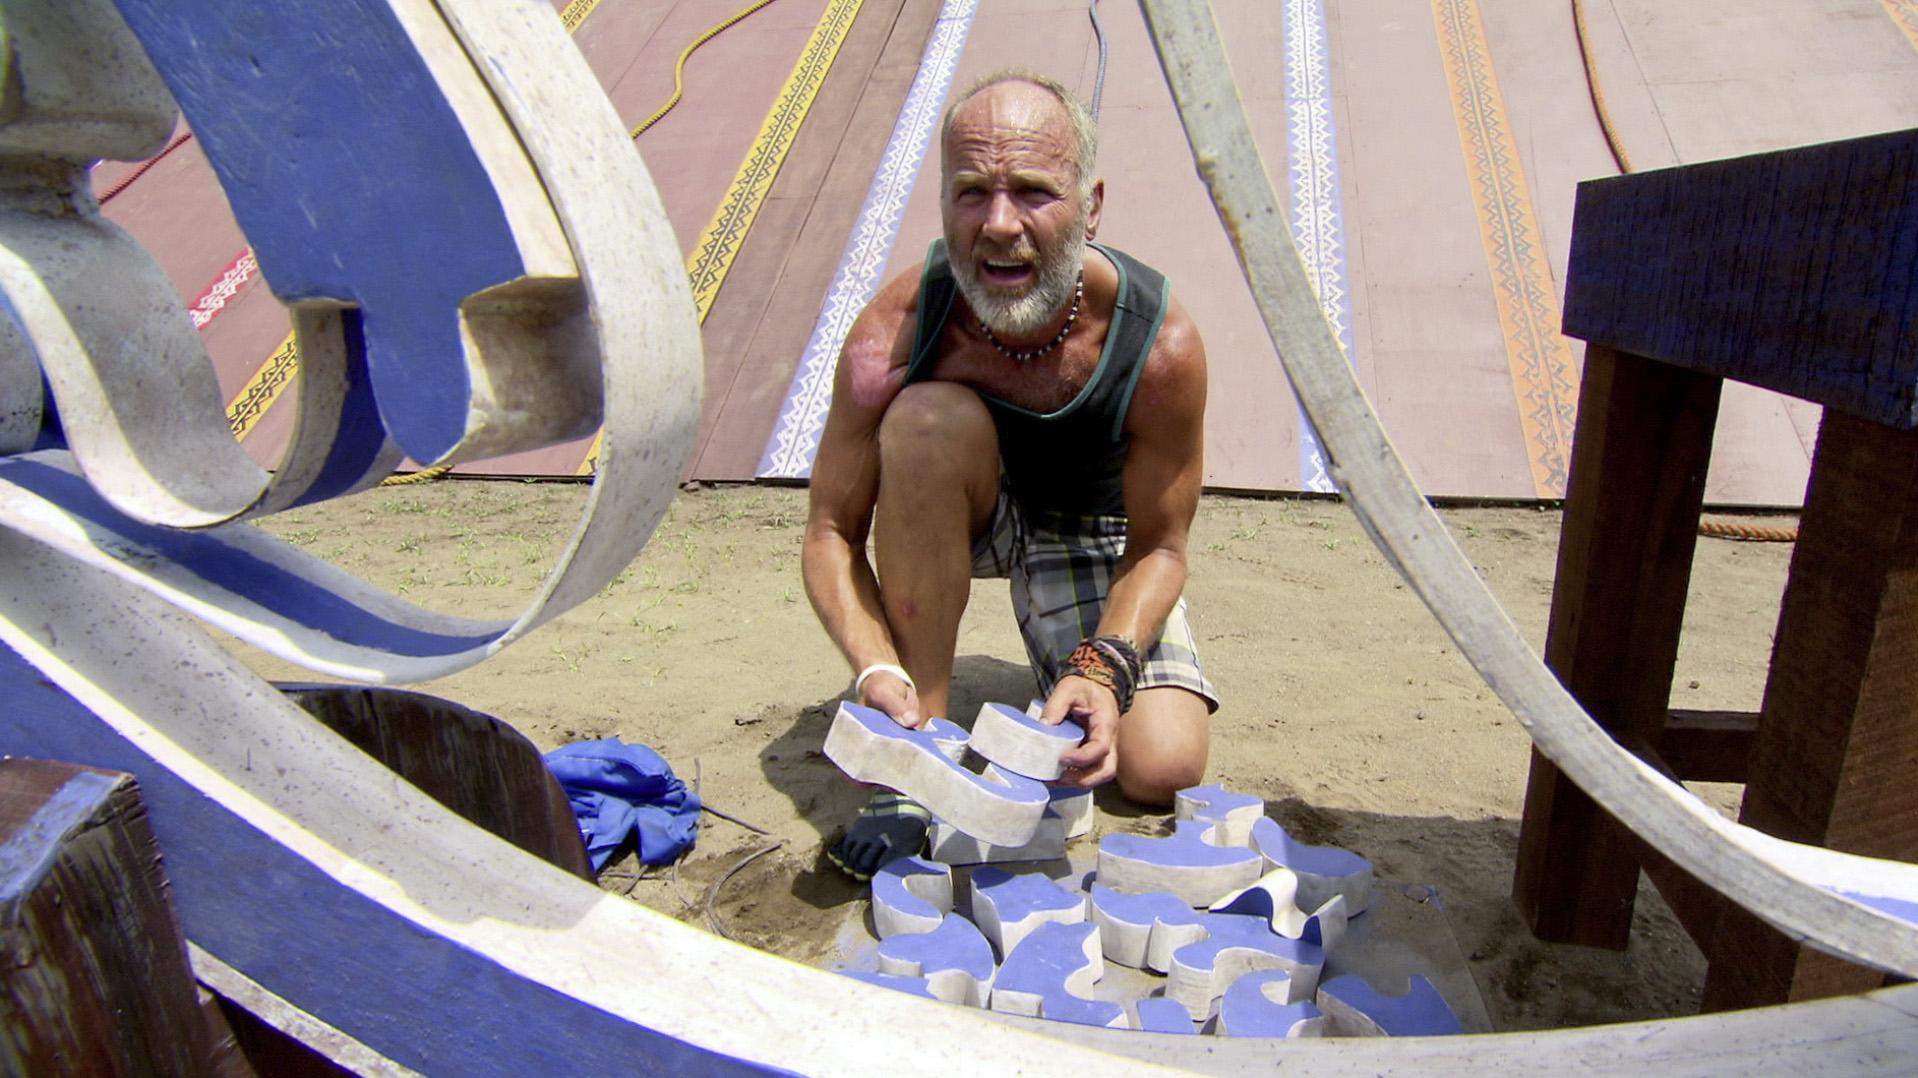 Season 25 Finale - Survivor Photos - CBS.com